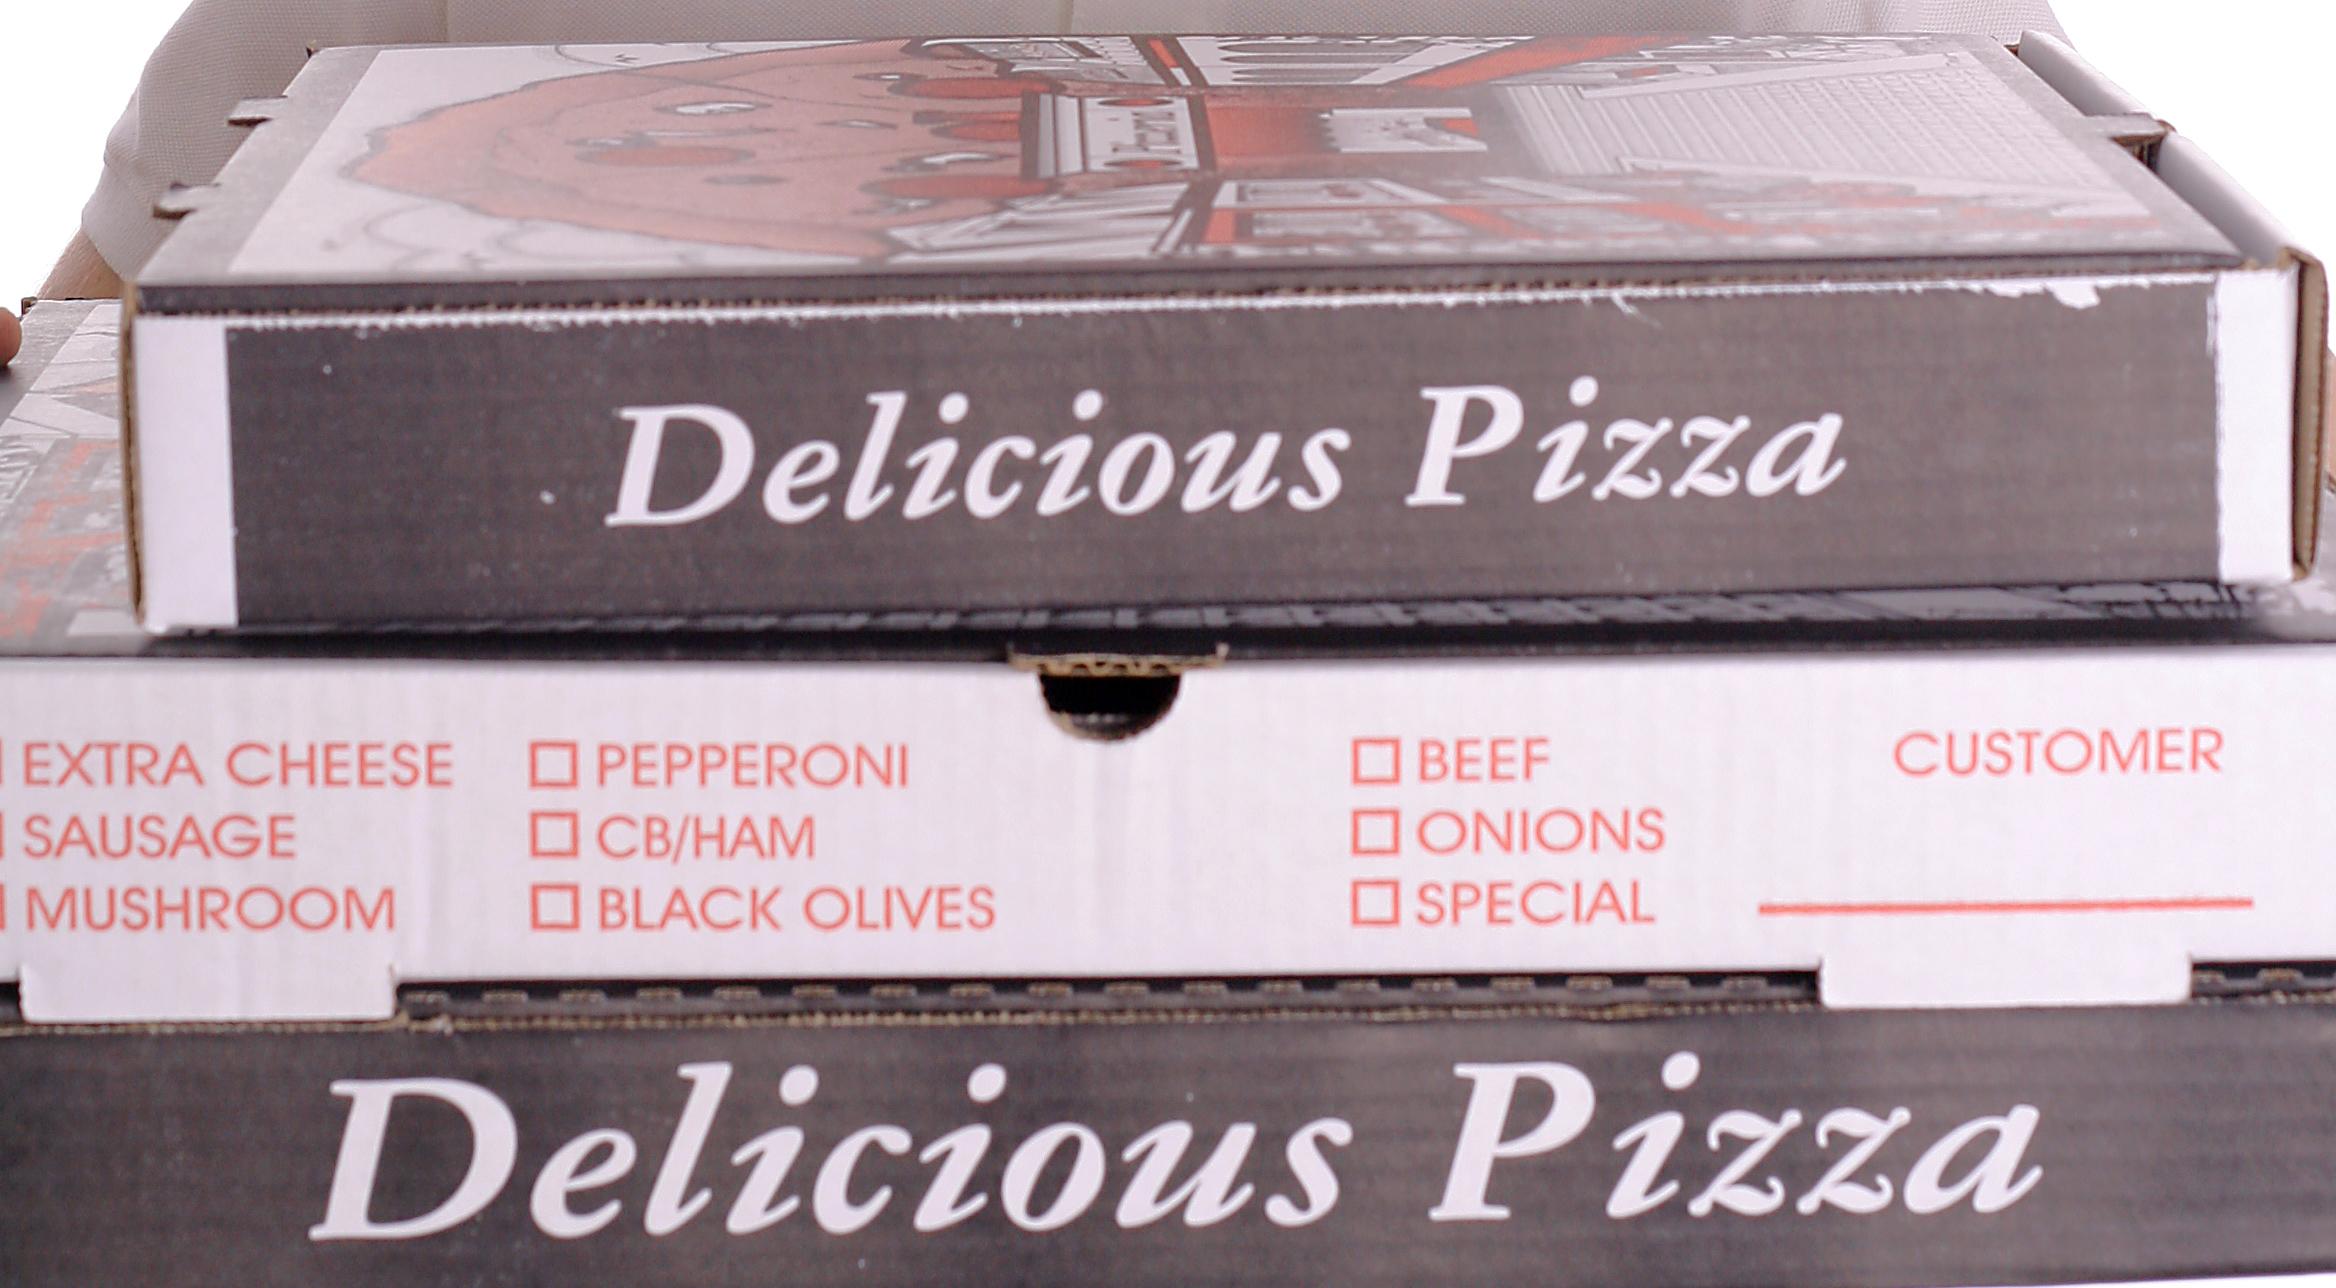 Inchiostro serigrafico per stampare sui cartoni della pizza